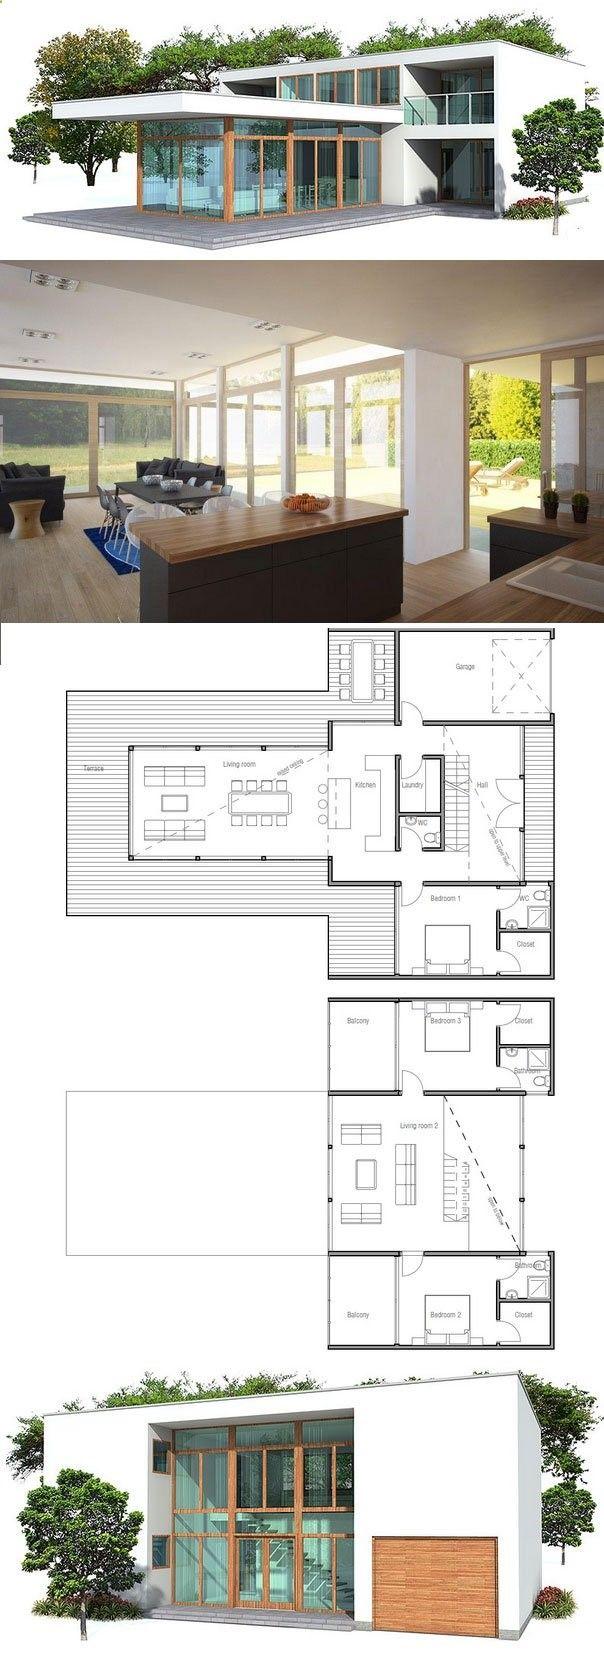 11 besten hausideen bilder auf pinterest haus pl ne moderne h user und kleine h user. Black Bedroom Furniture Sets. Home Design Ideas